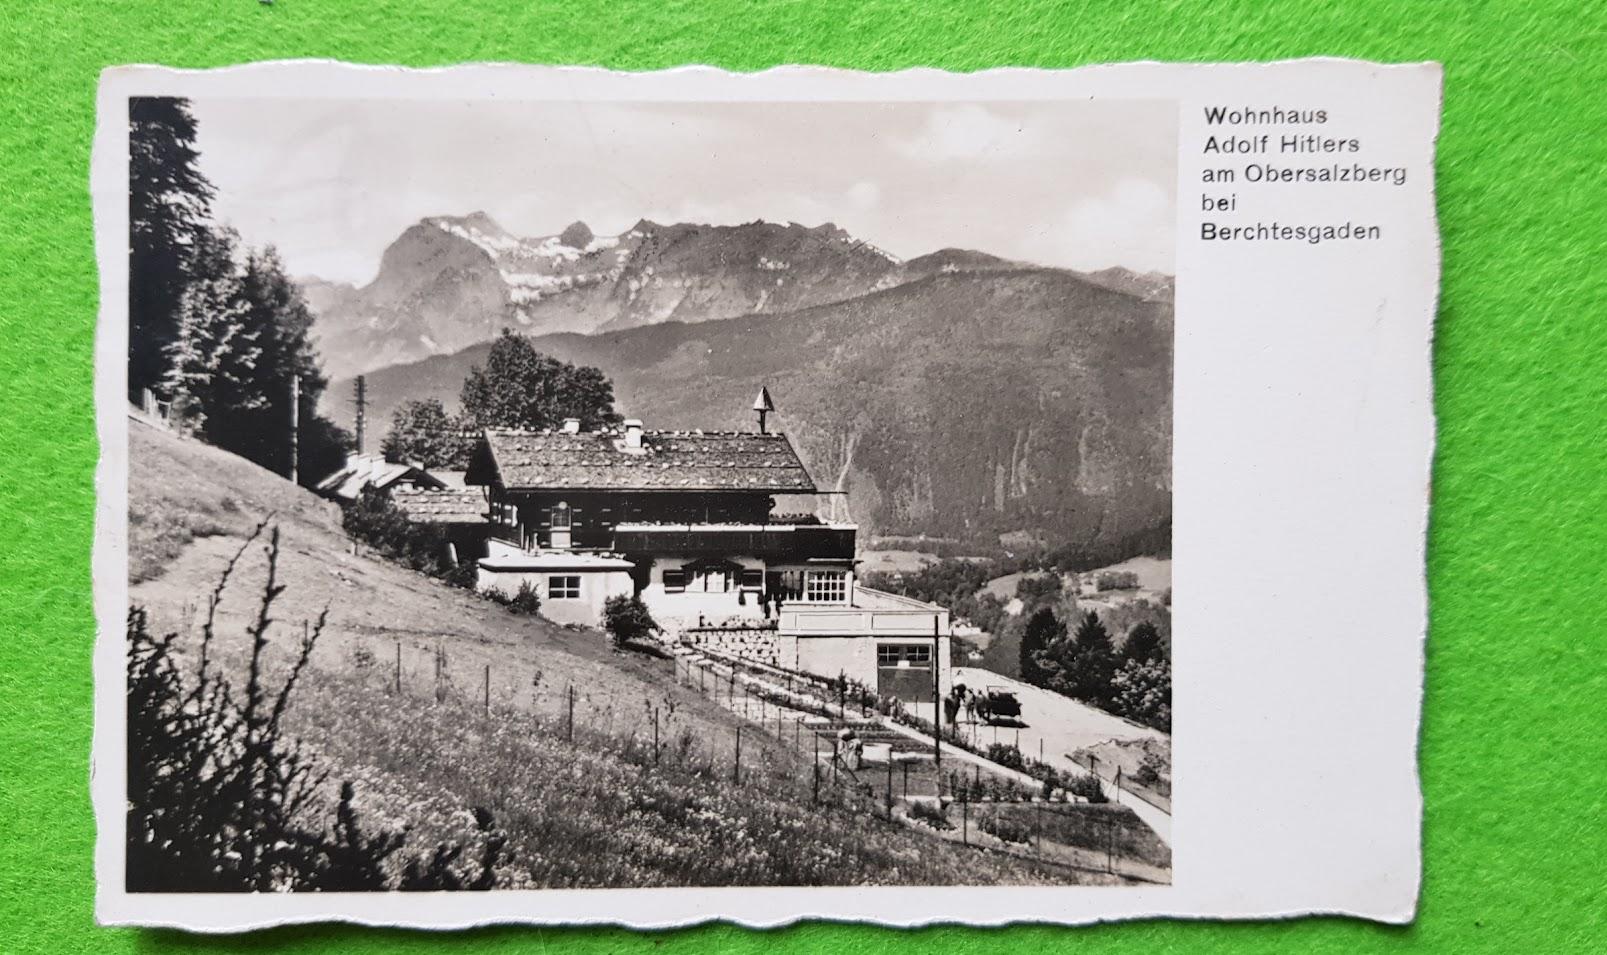 Postkarte vom Wohnhaus Adolf Hitlers am Obersalzberg bei Berchtesgaden 16. Juni 1934